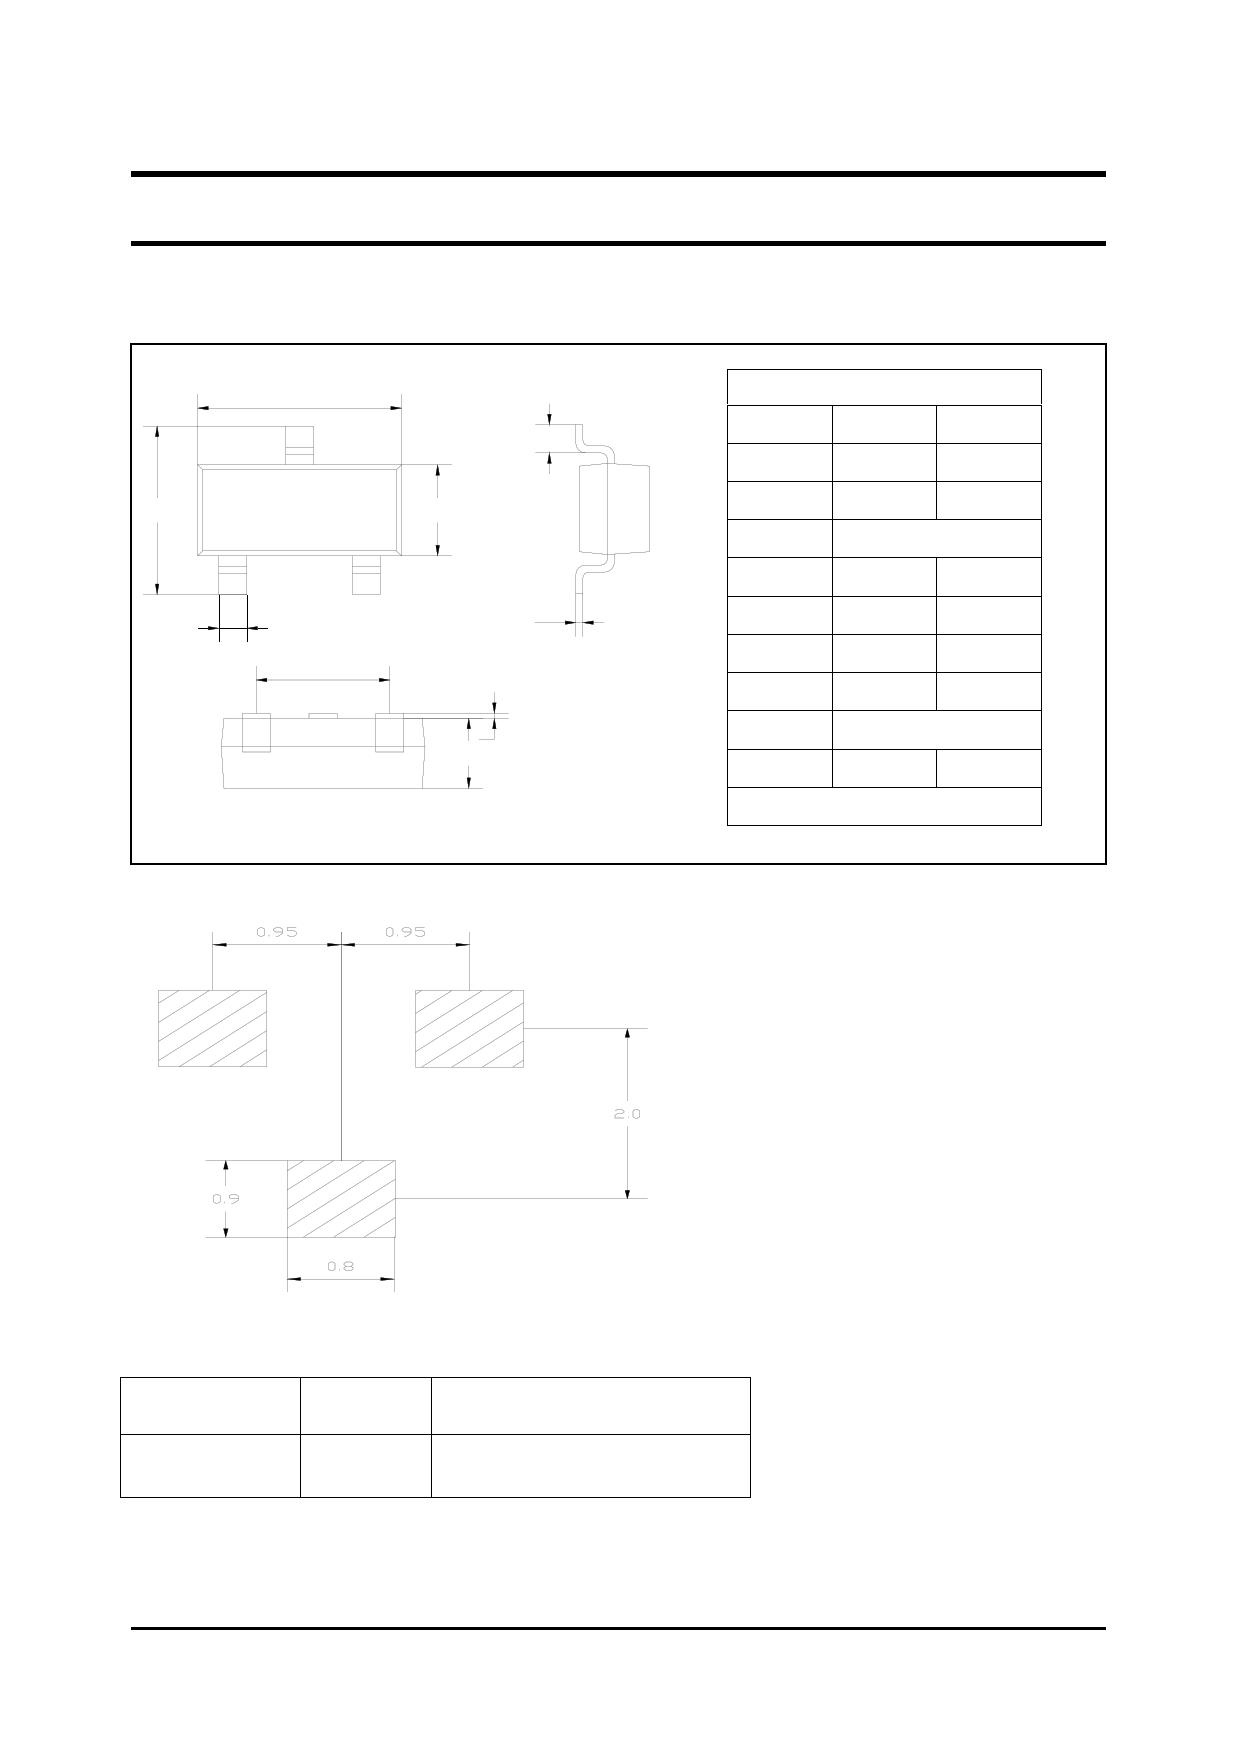 1SS196 pdf, ピン配列